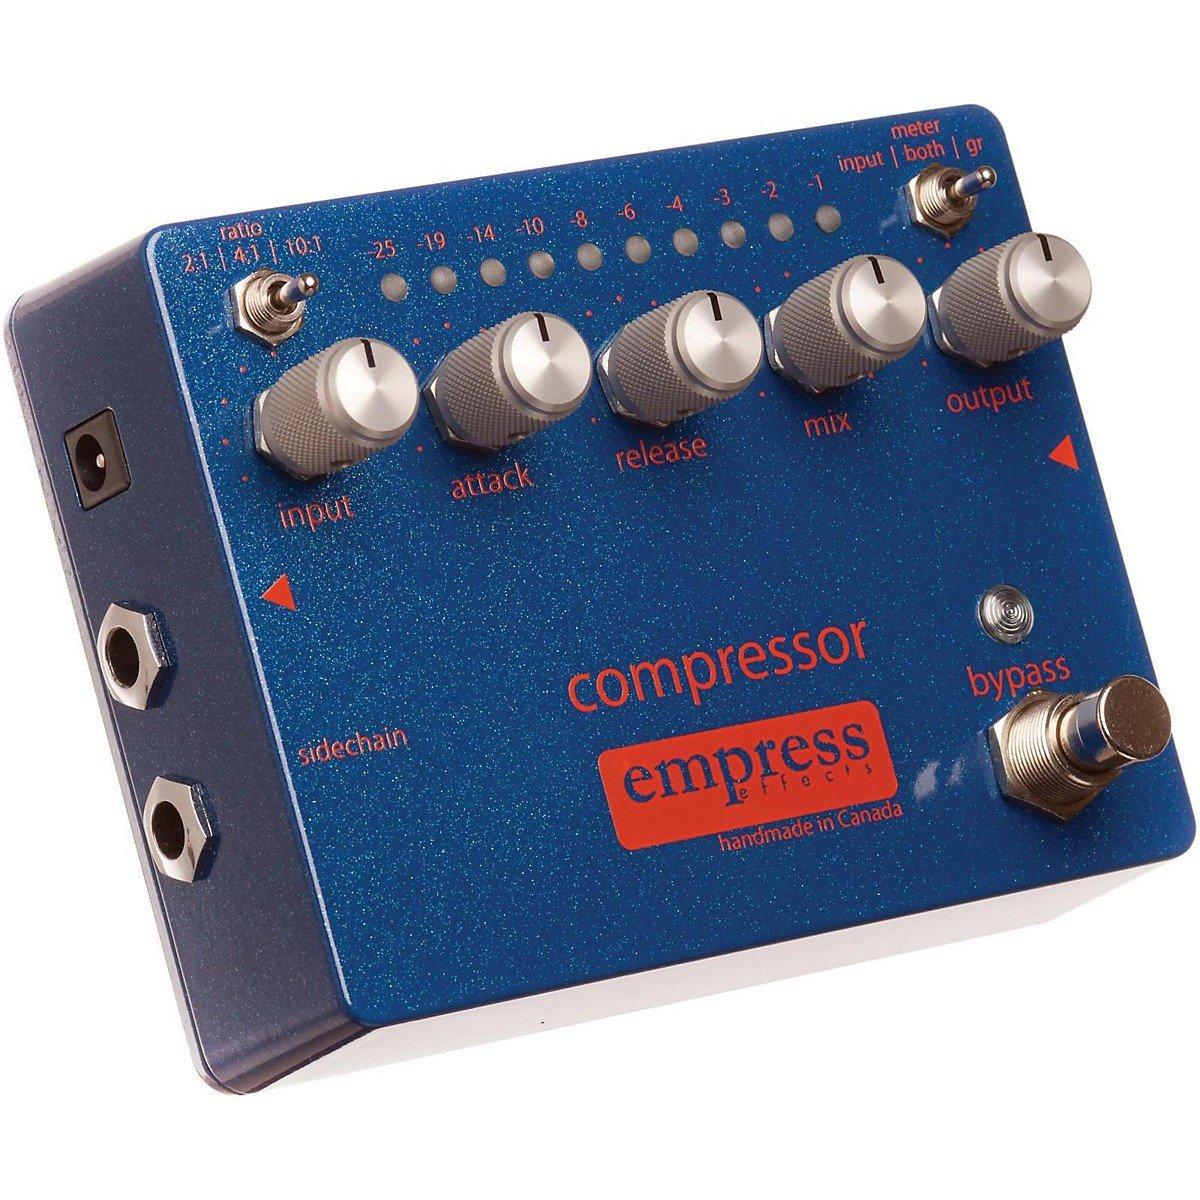 empress compressor review